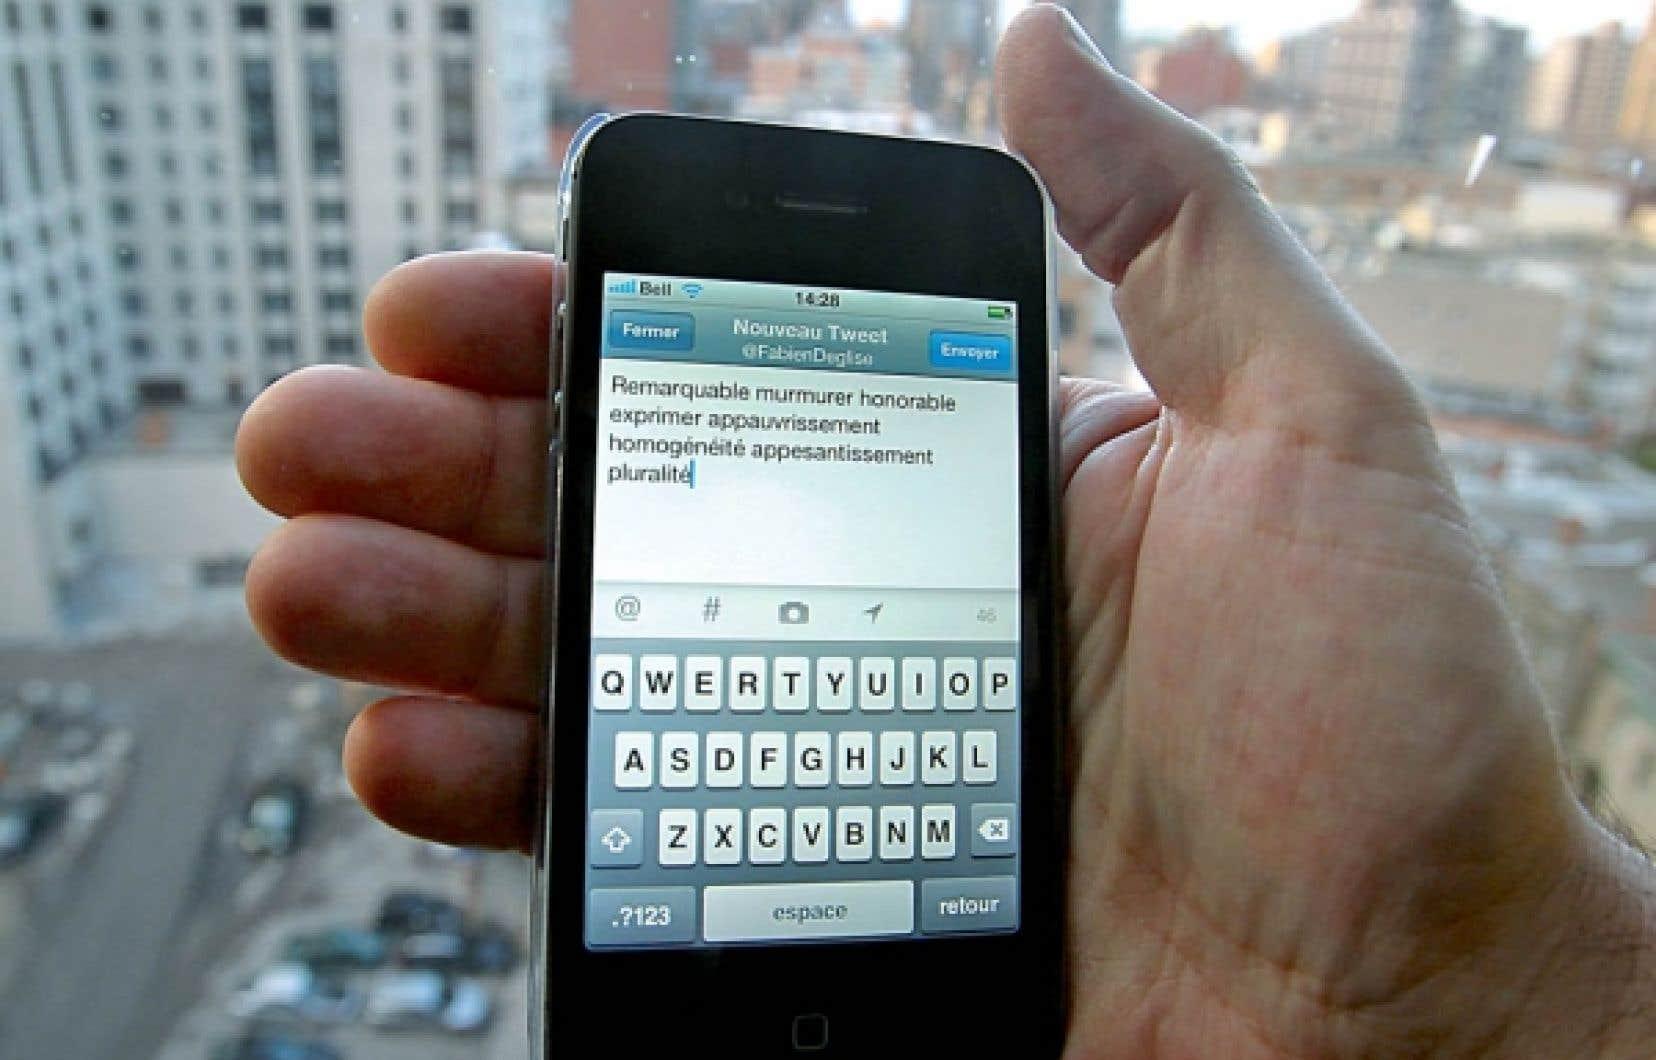 Le courriel est progressivement abandonn&eacute; au profit des r&eacute;seaux sociaux et des autres canaux de communication comme le texto, mais &eacute;galement le microclavardage passant par Twitter.<br />